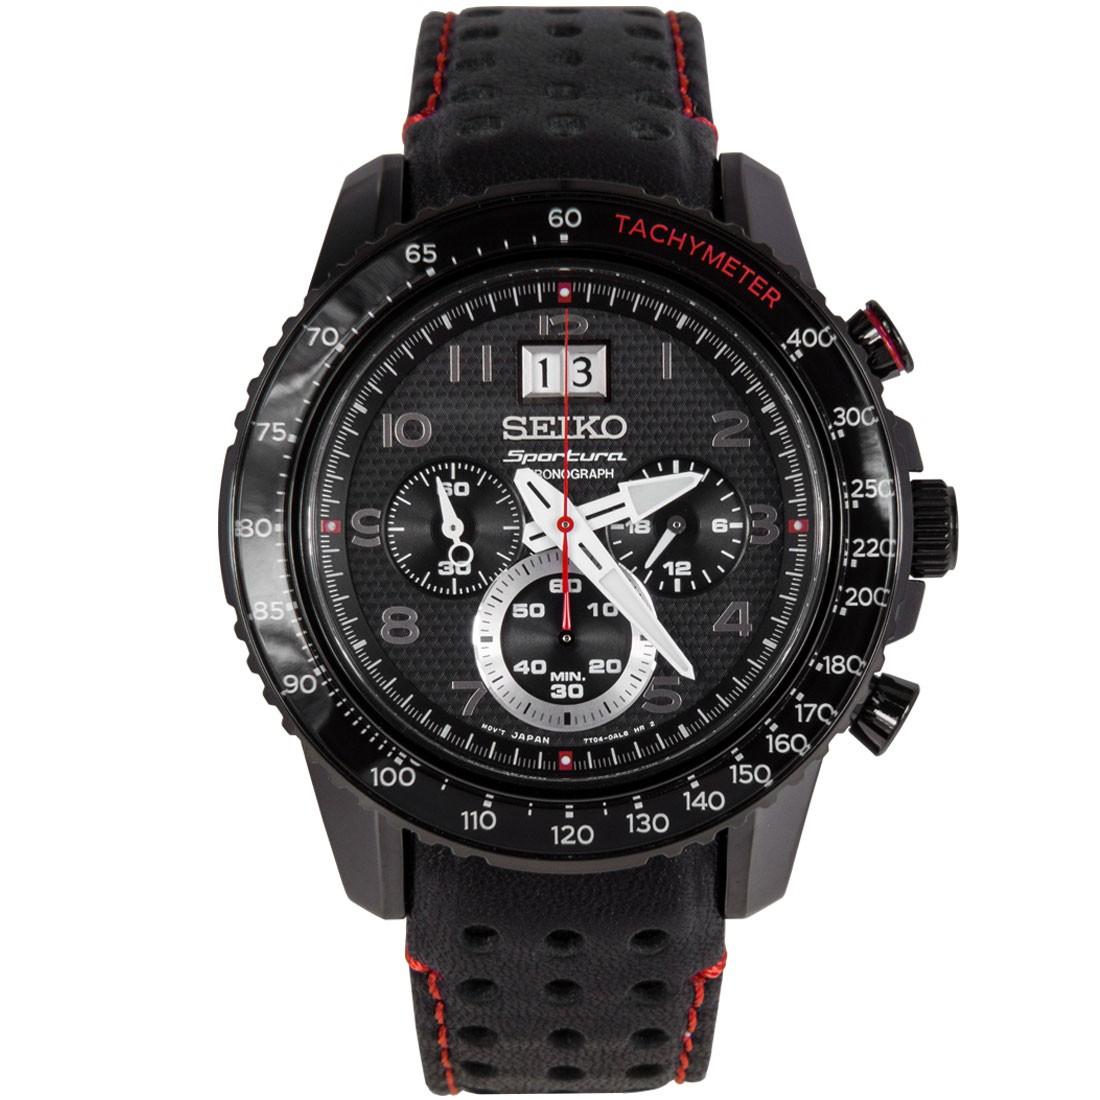 Seiko Sportura Chronograph Tachymeter SPC141P1